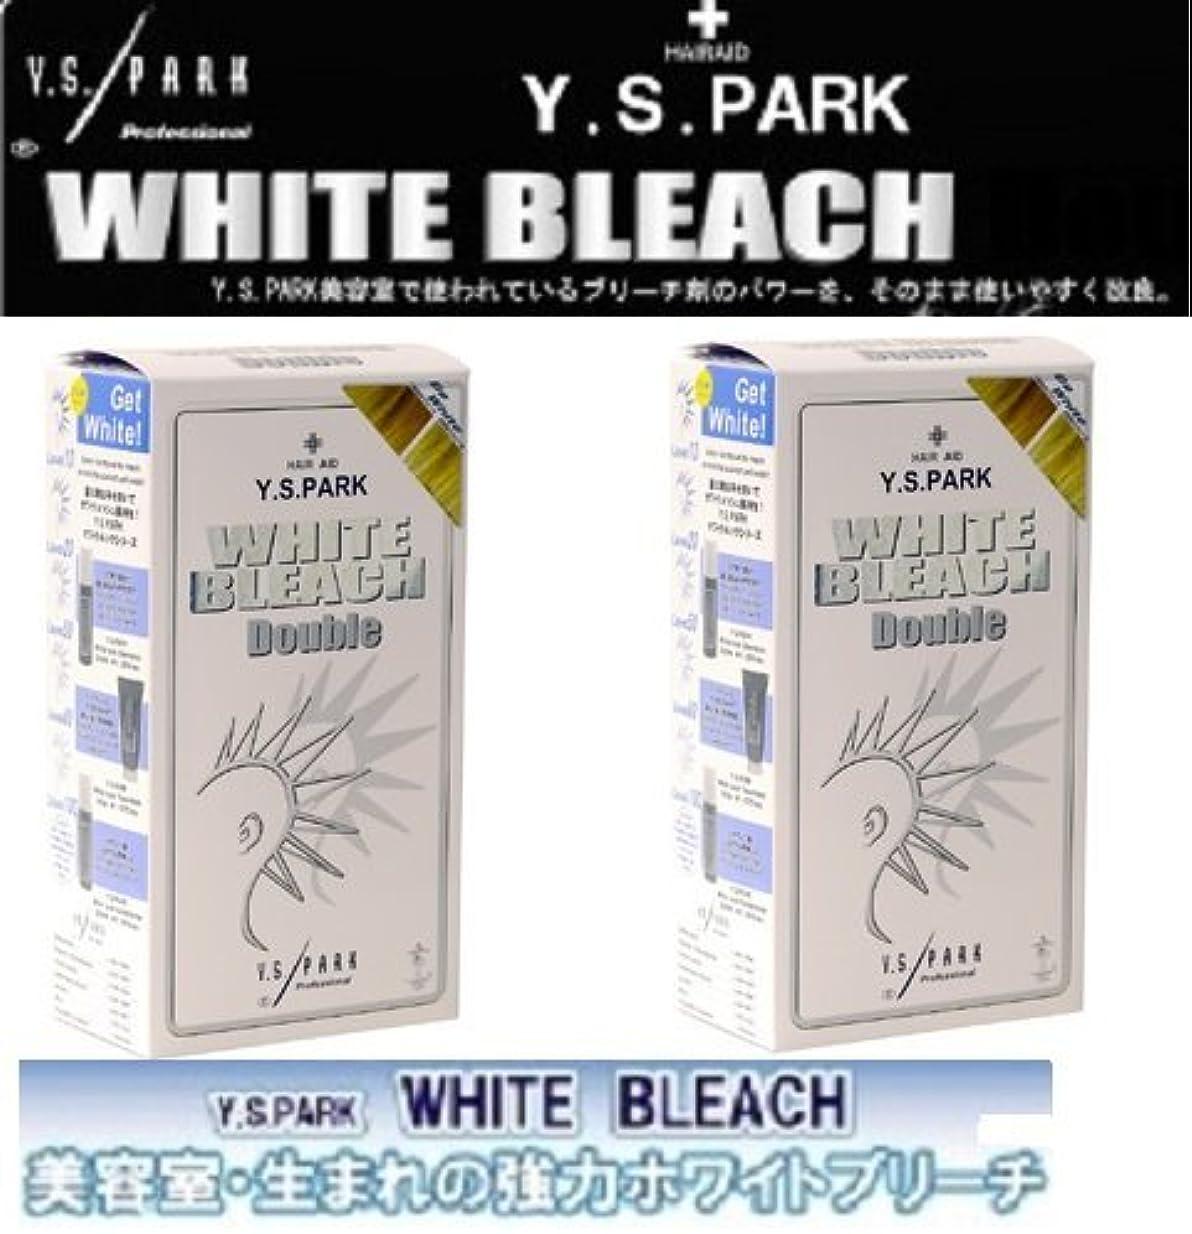 起こる火薬親密なY.S.パーク ホワイトブリーチ ダブル60g(お得な2個組)美容室生まれの強力ホワイトブリーチ?強力ホワイトブリーチに大容量サイズが登場!